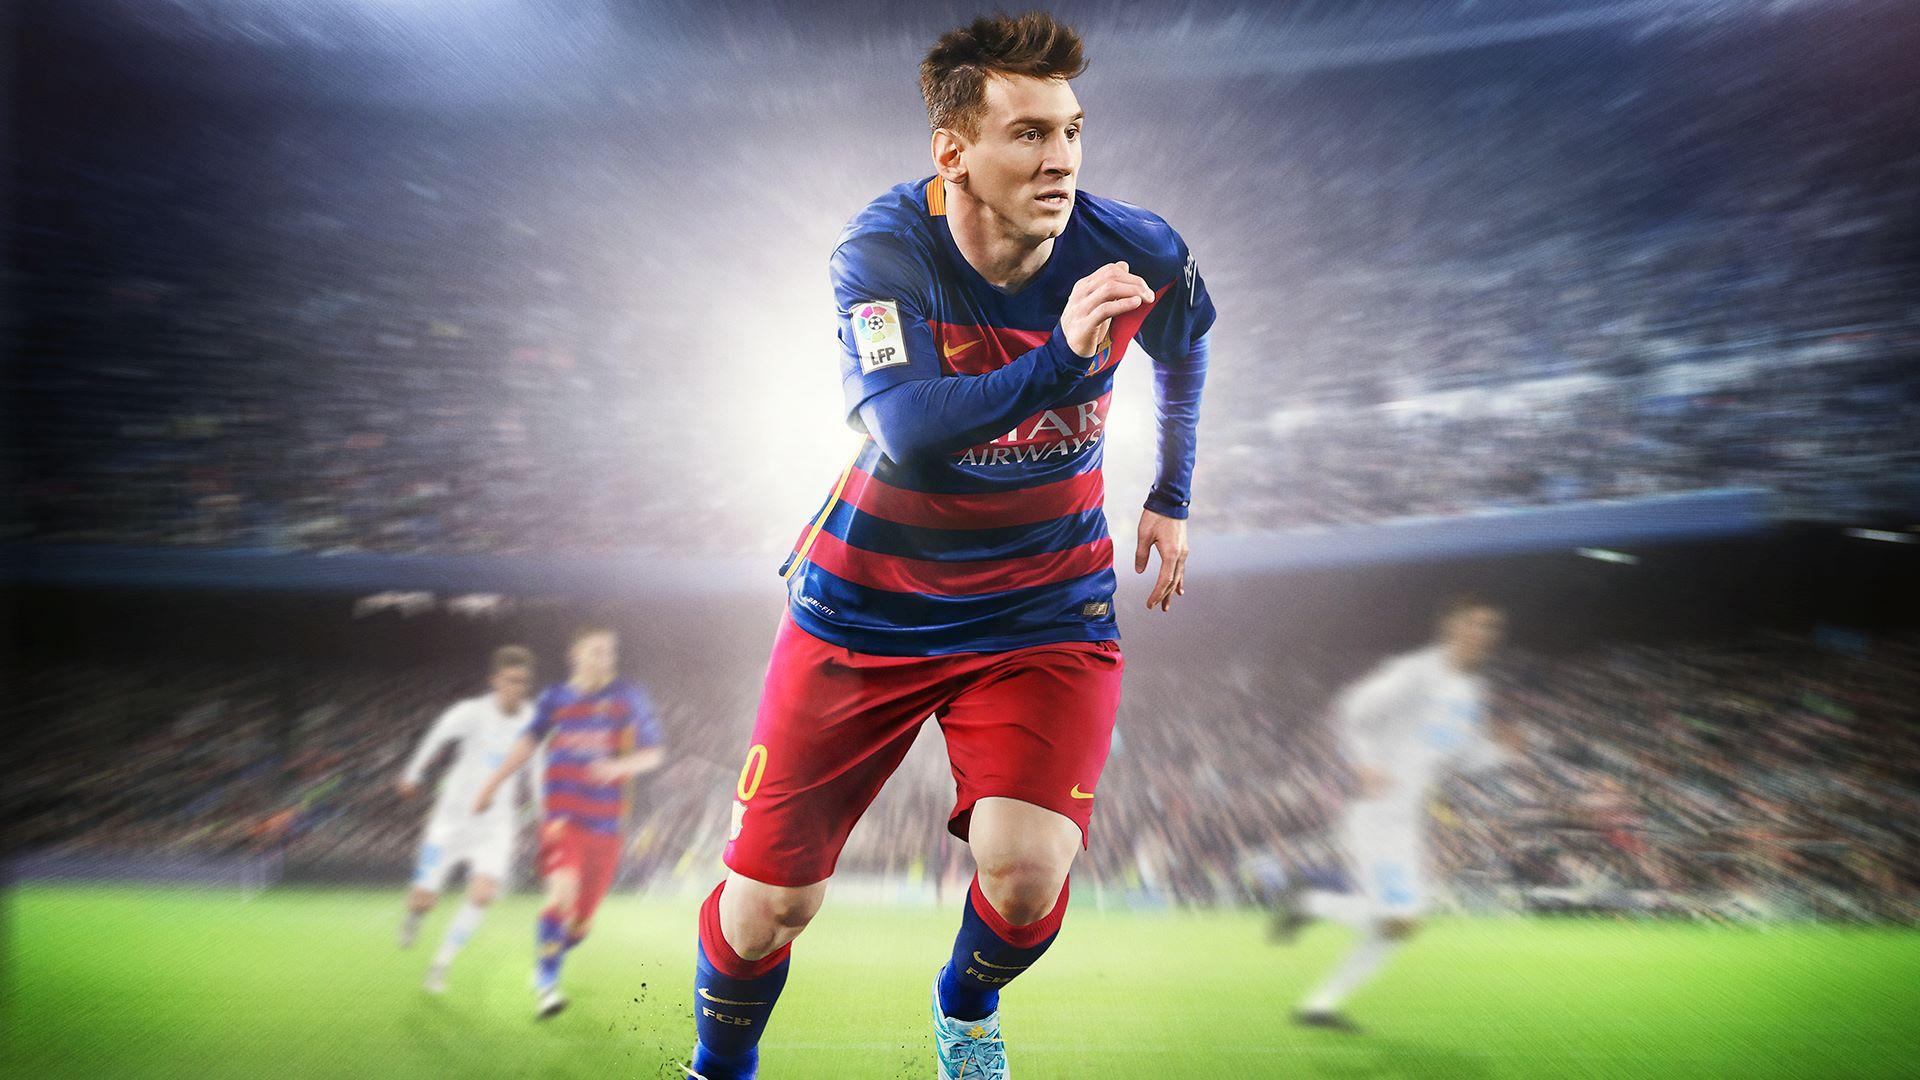 La portada de FIFA 17 presentará una novedosa ausencia